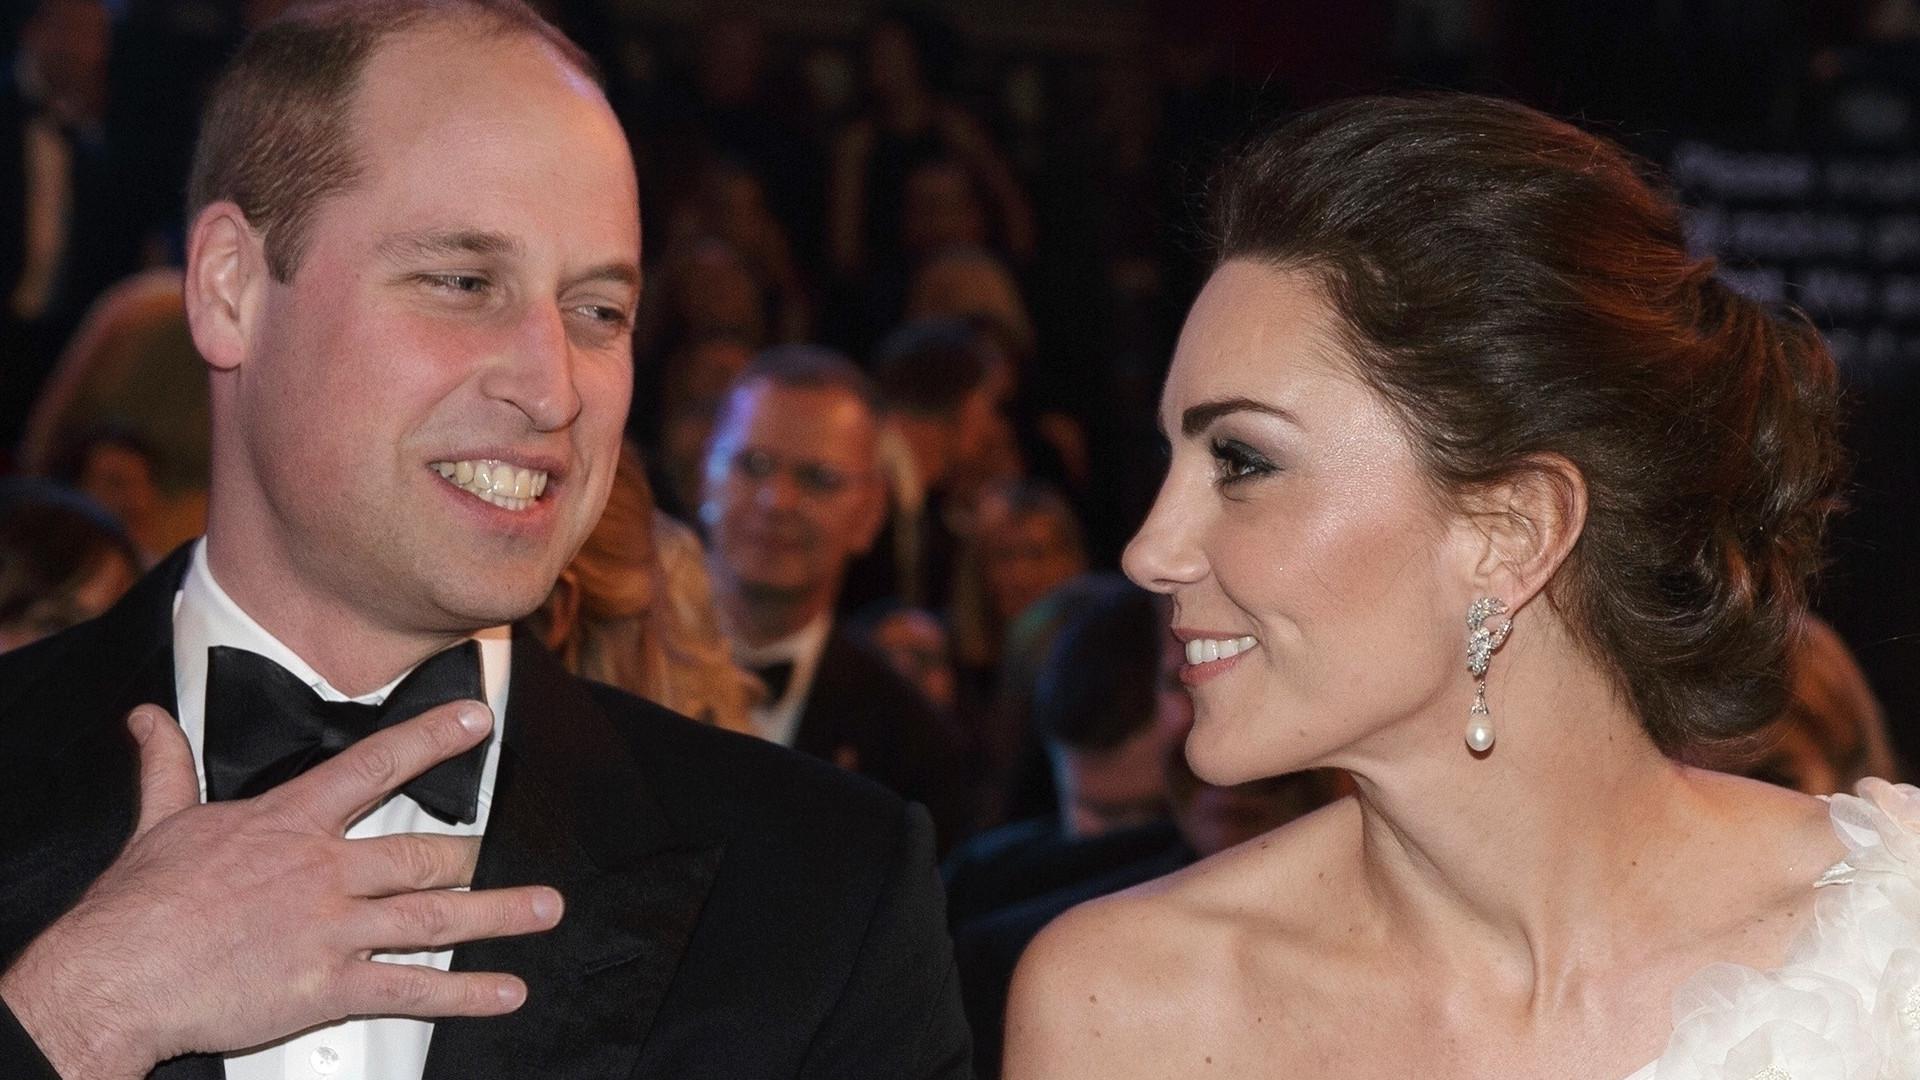 Niezręczny moment z udziałem Kate i Williama. Księżna musiała zażartować